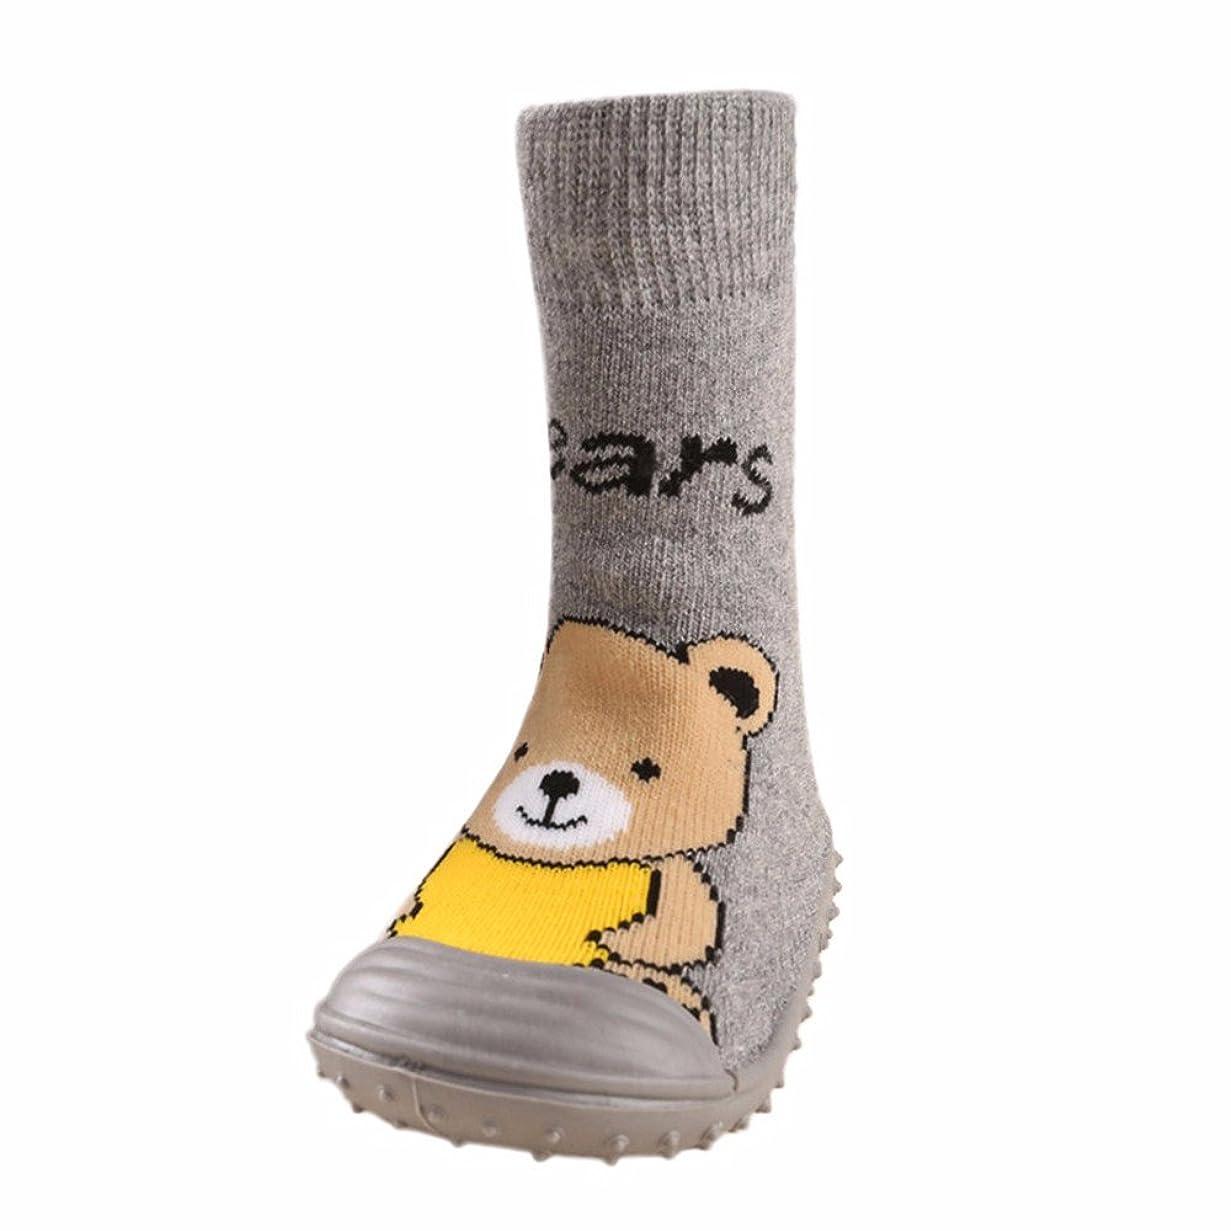 また明日ねラババリケード[Regoss (レジス) 子供靴] ベビーフィート ベビーシューズ スニーカー ベビーファーストシューズ 赤ちゃんシューズ ラバー底ソックス 男の子 女の子 贈り物 靴下 おまけ付き